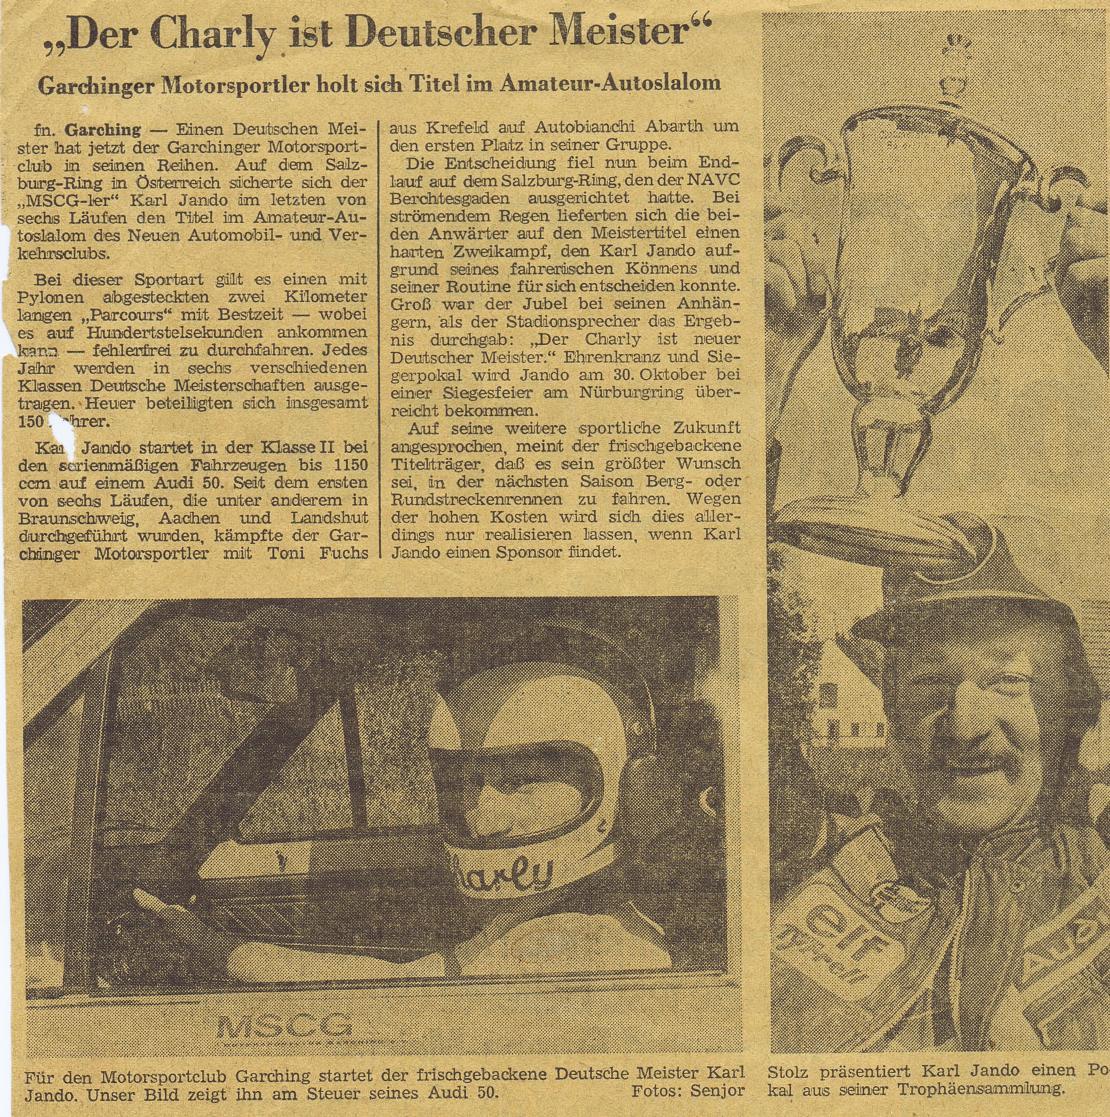 Süddeutsche Zeitung - Der Charly ist Deutscher Meister